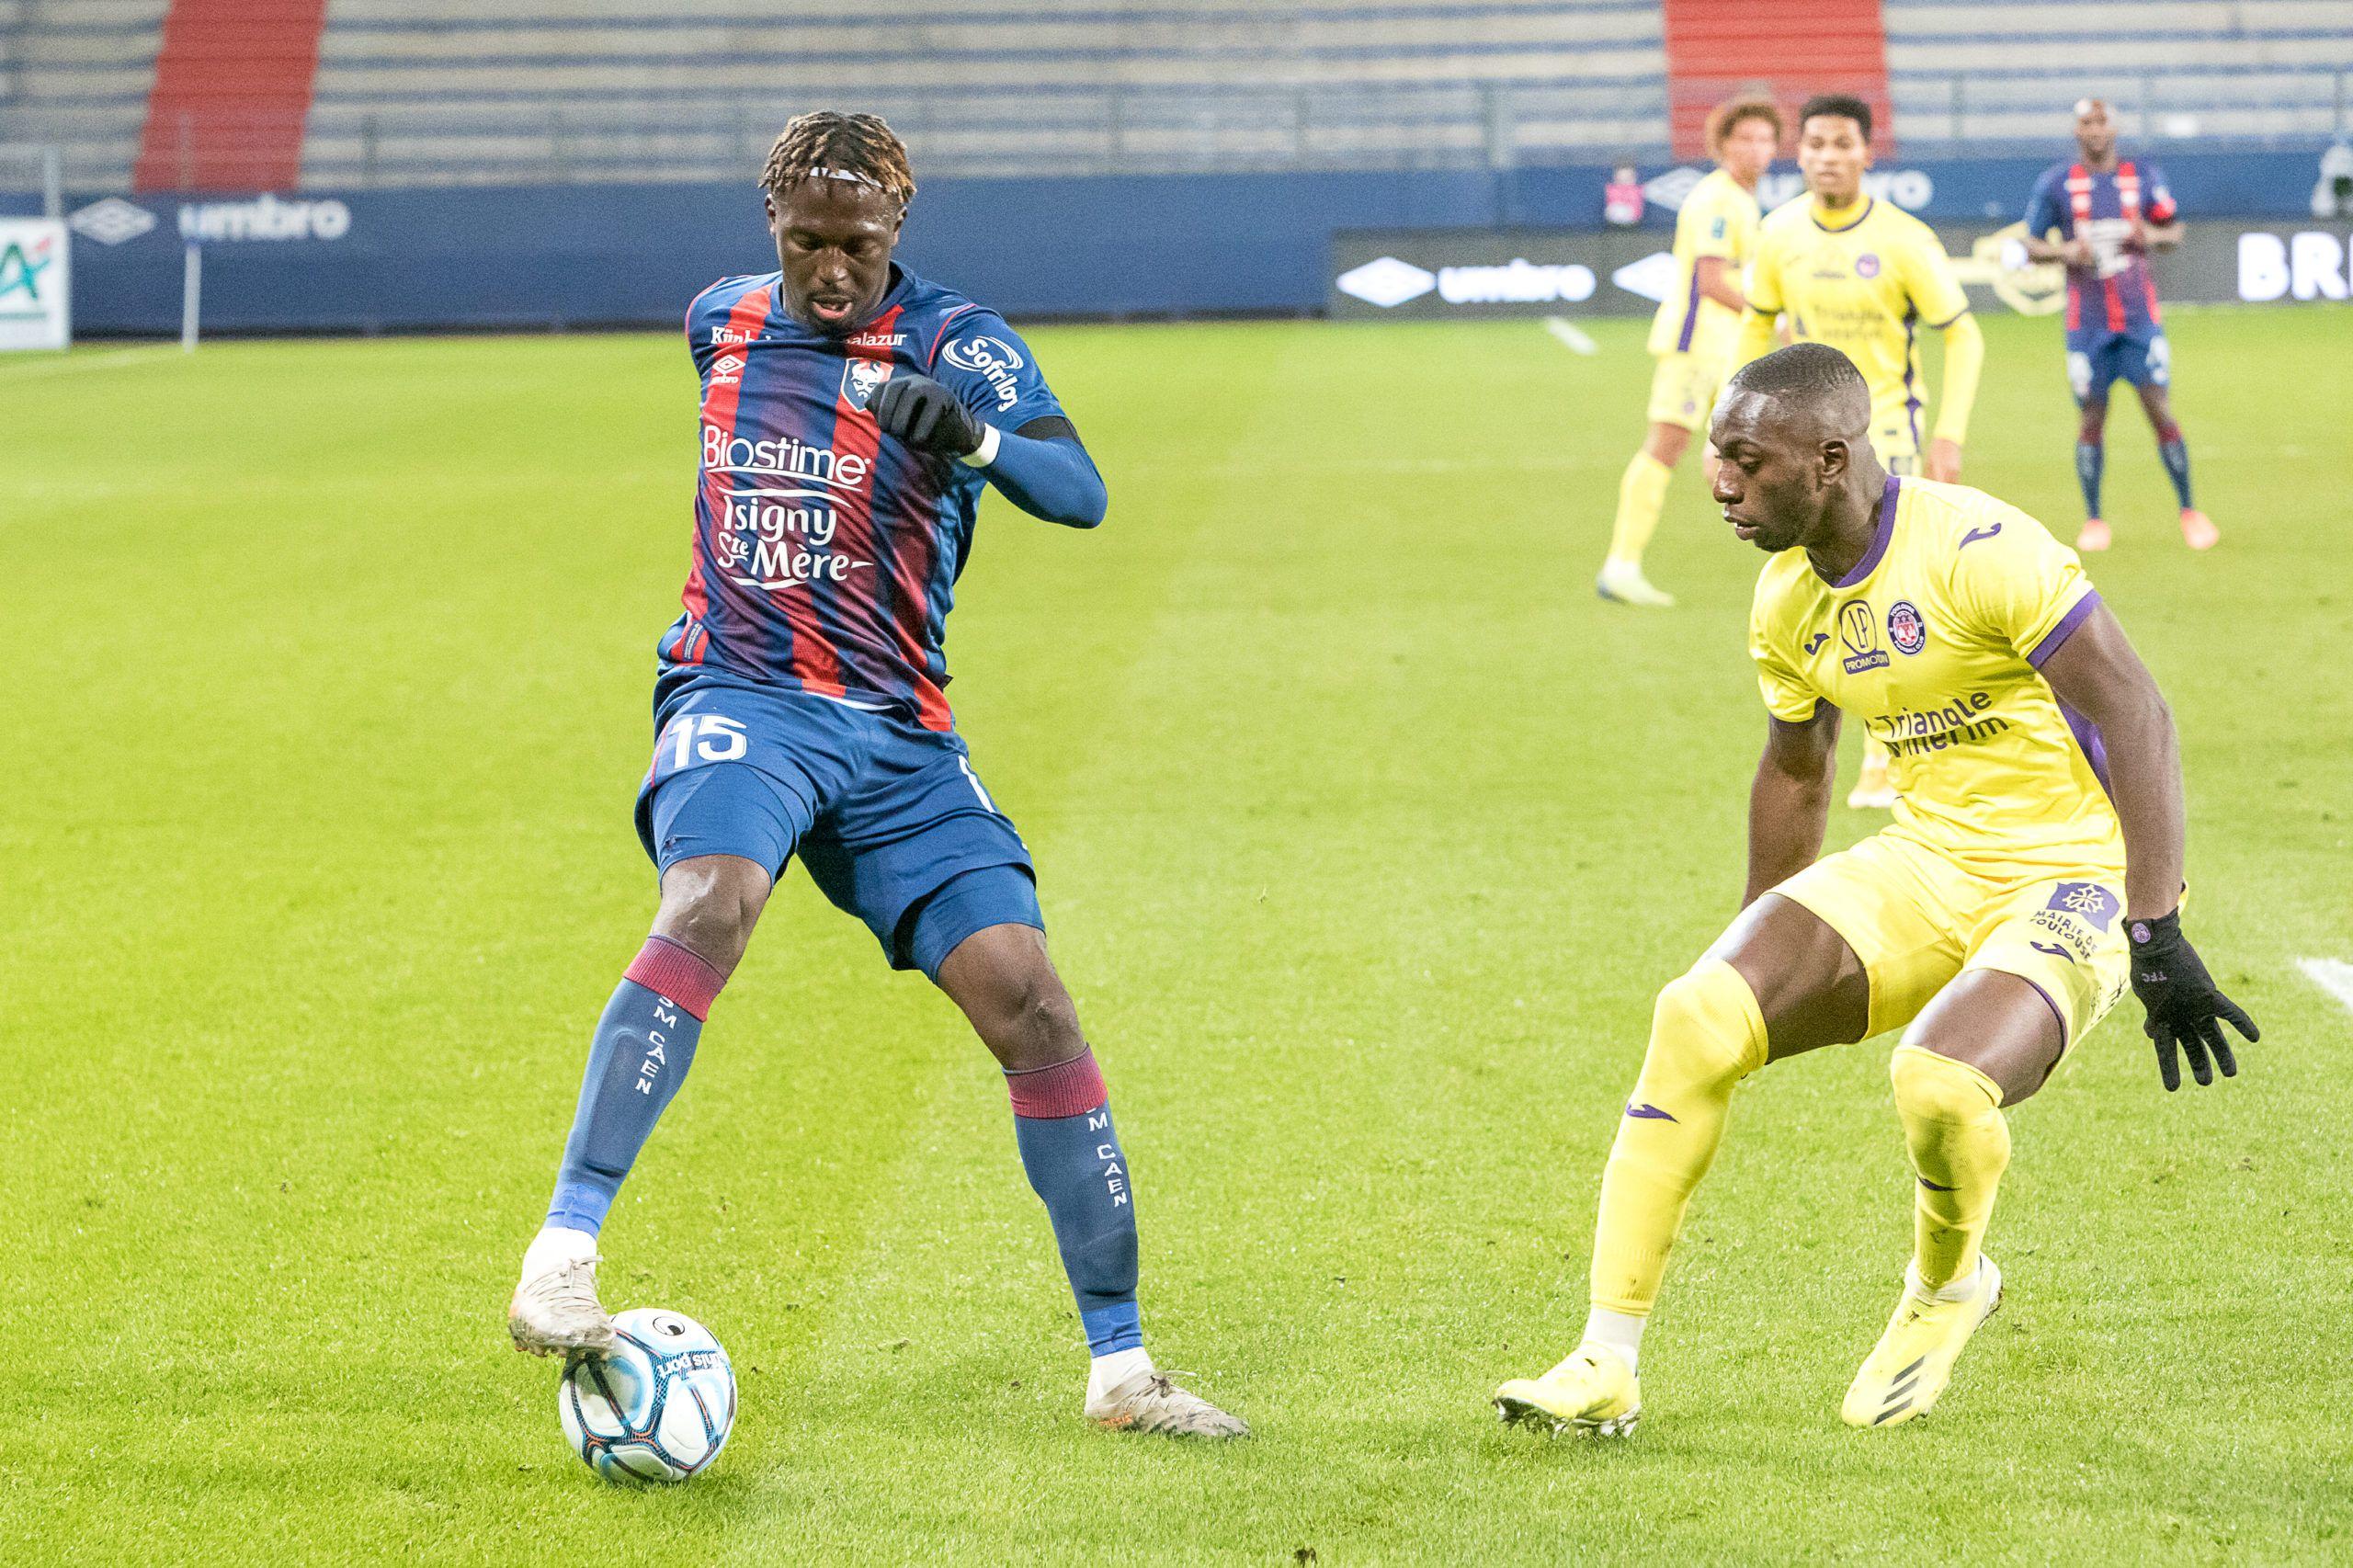 « Un bon point de pris contre une équipe de Caen qui ne jouera pas la montée »